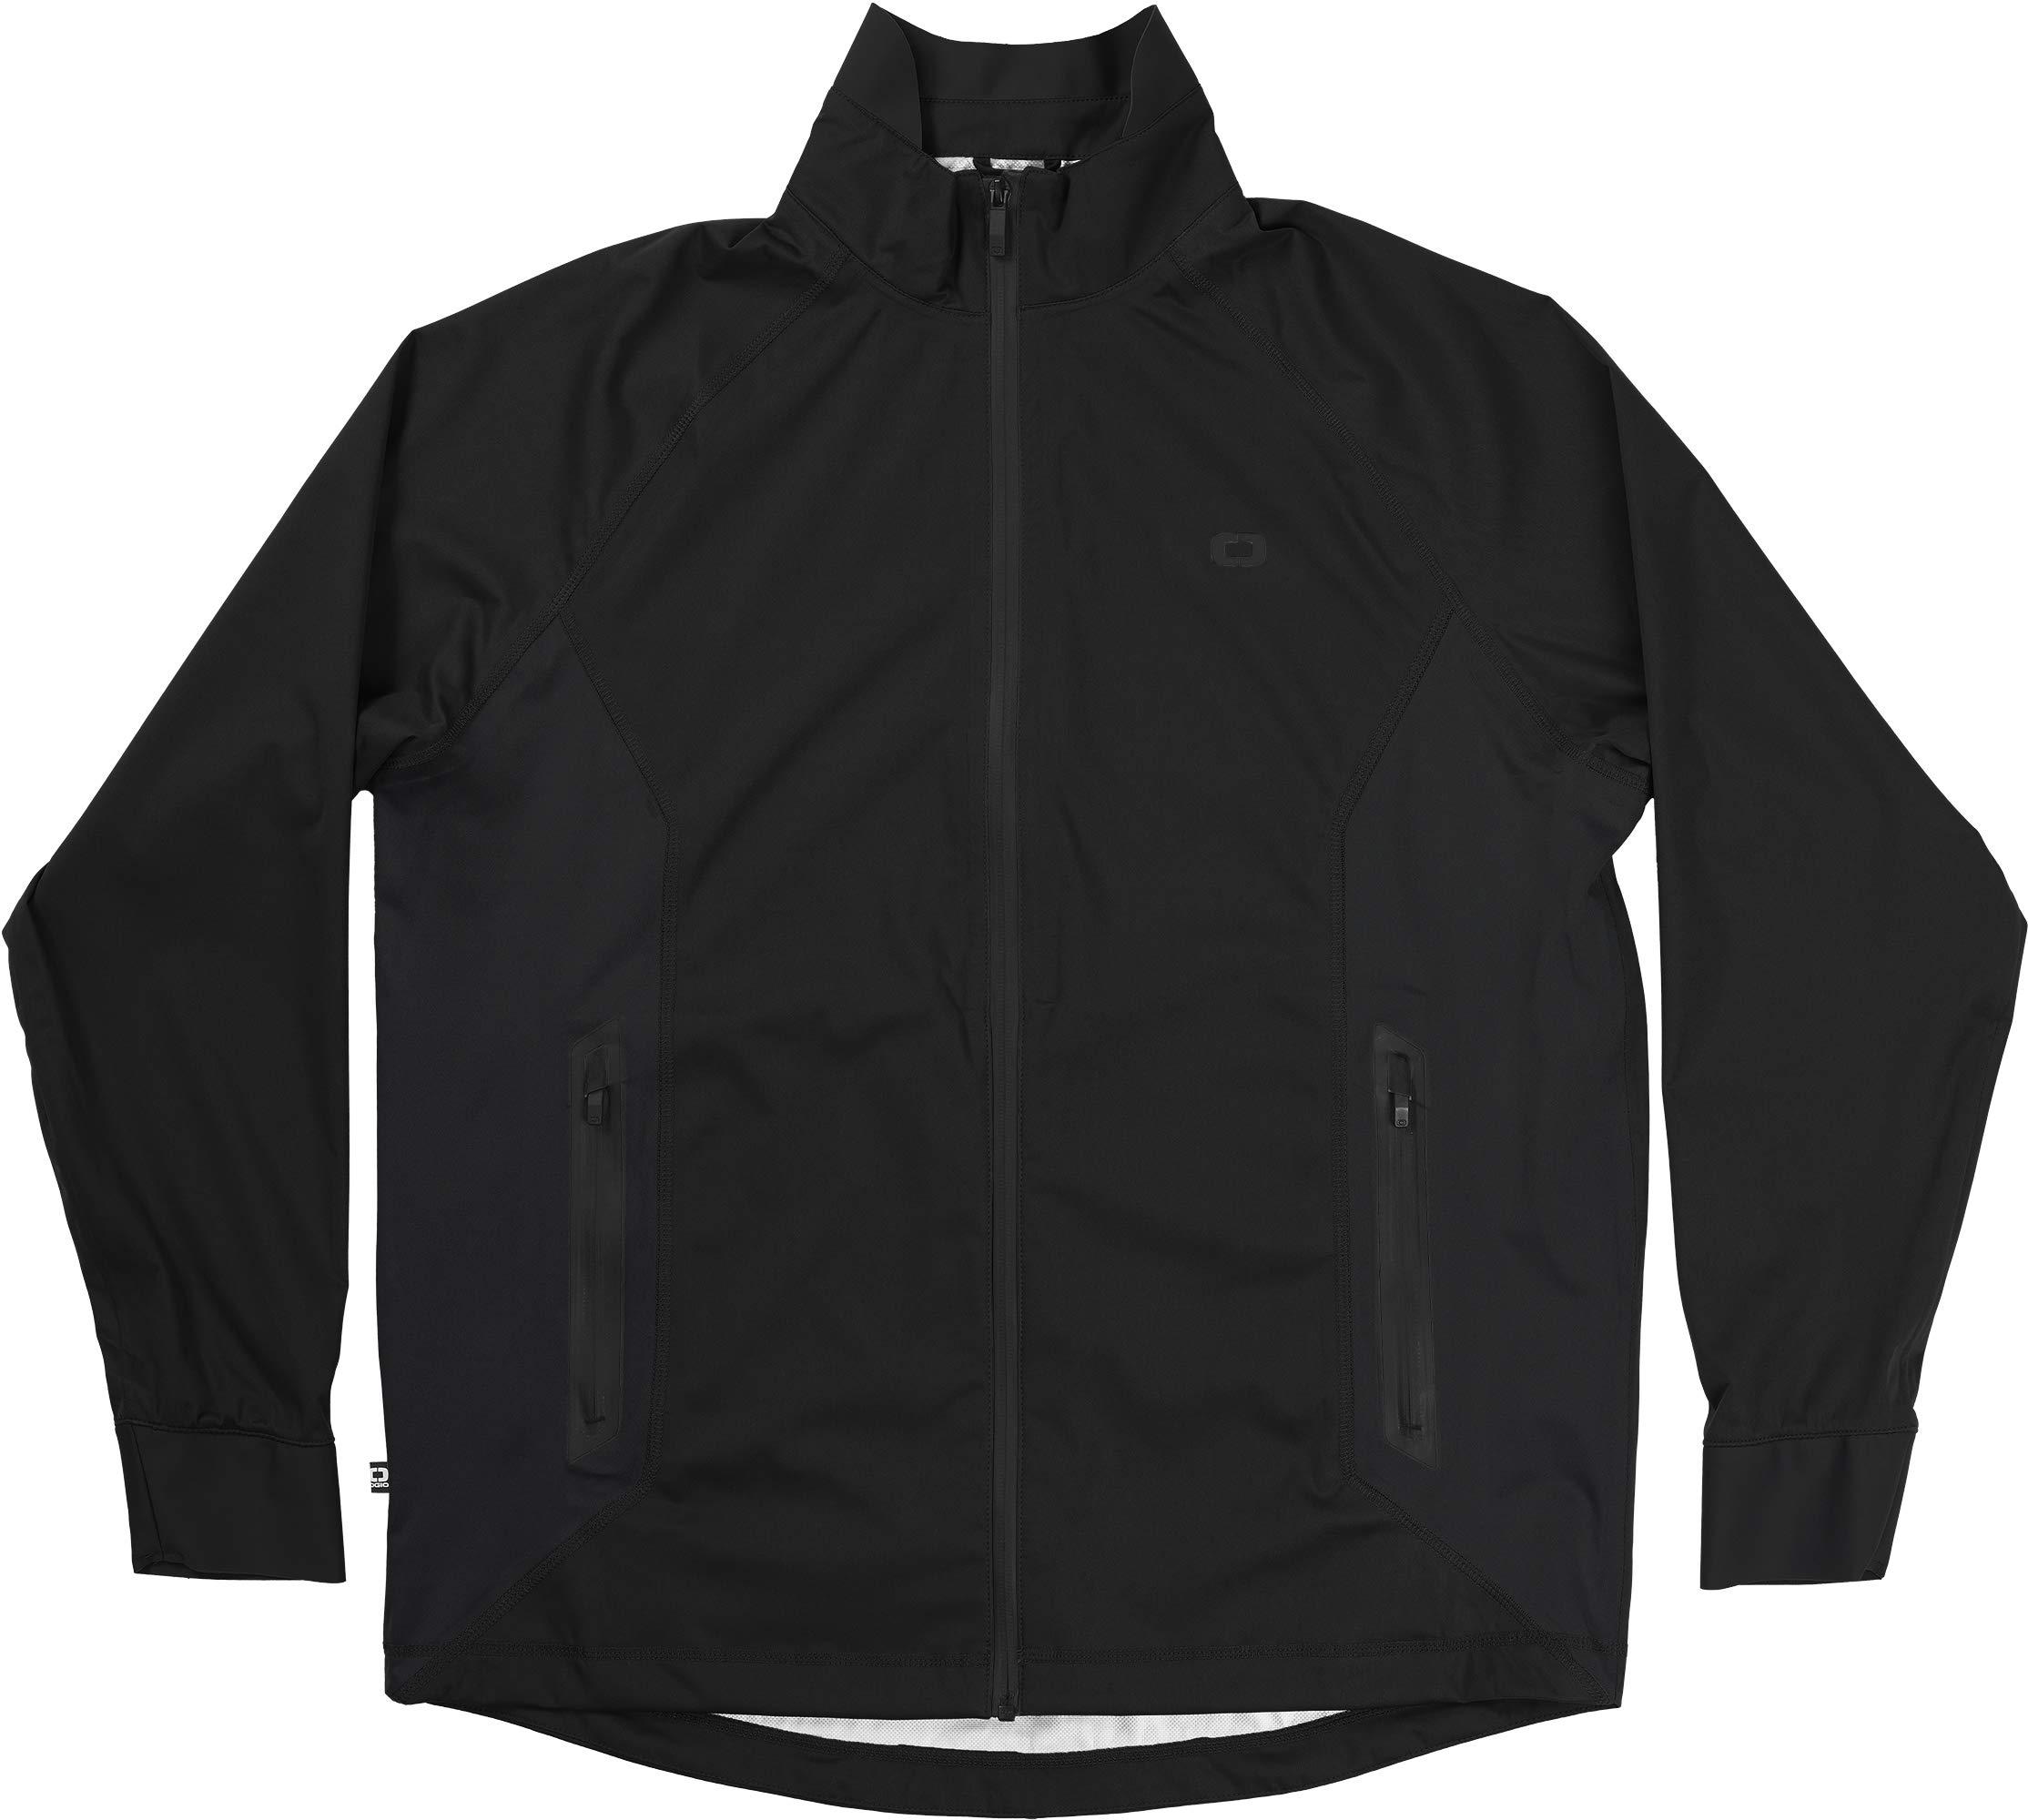 Ogio All Elements Rain Jacket, Black, Large